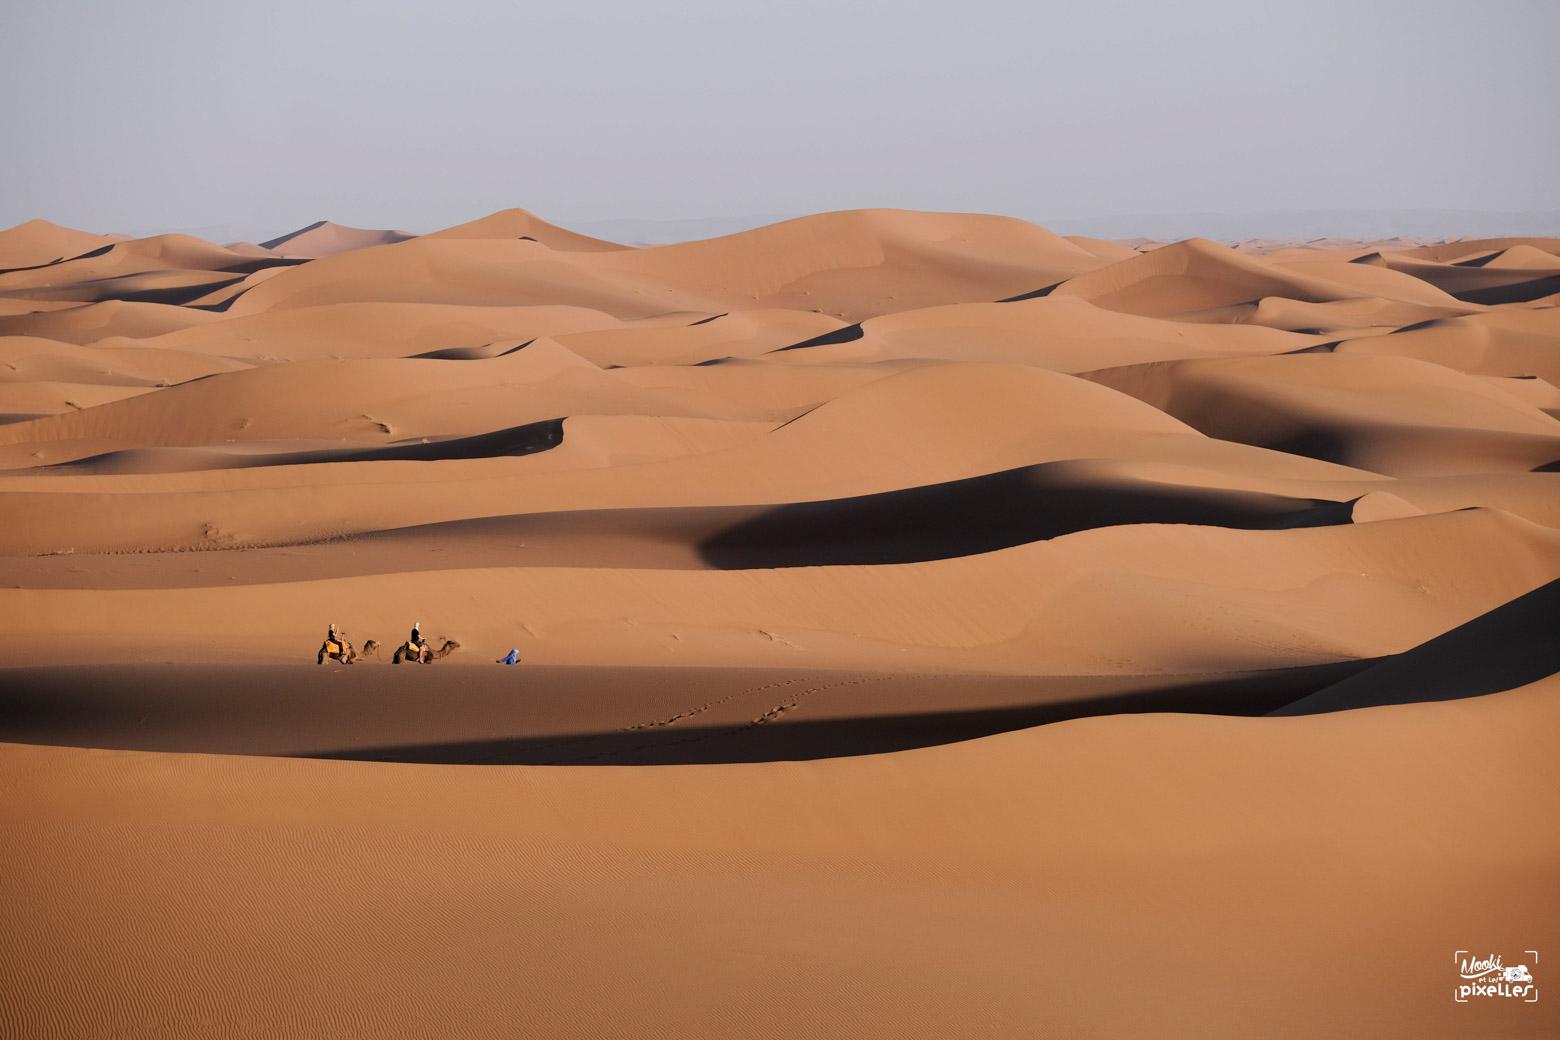 Magnifique vue sur les dunes du Sahara au Maroc